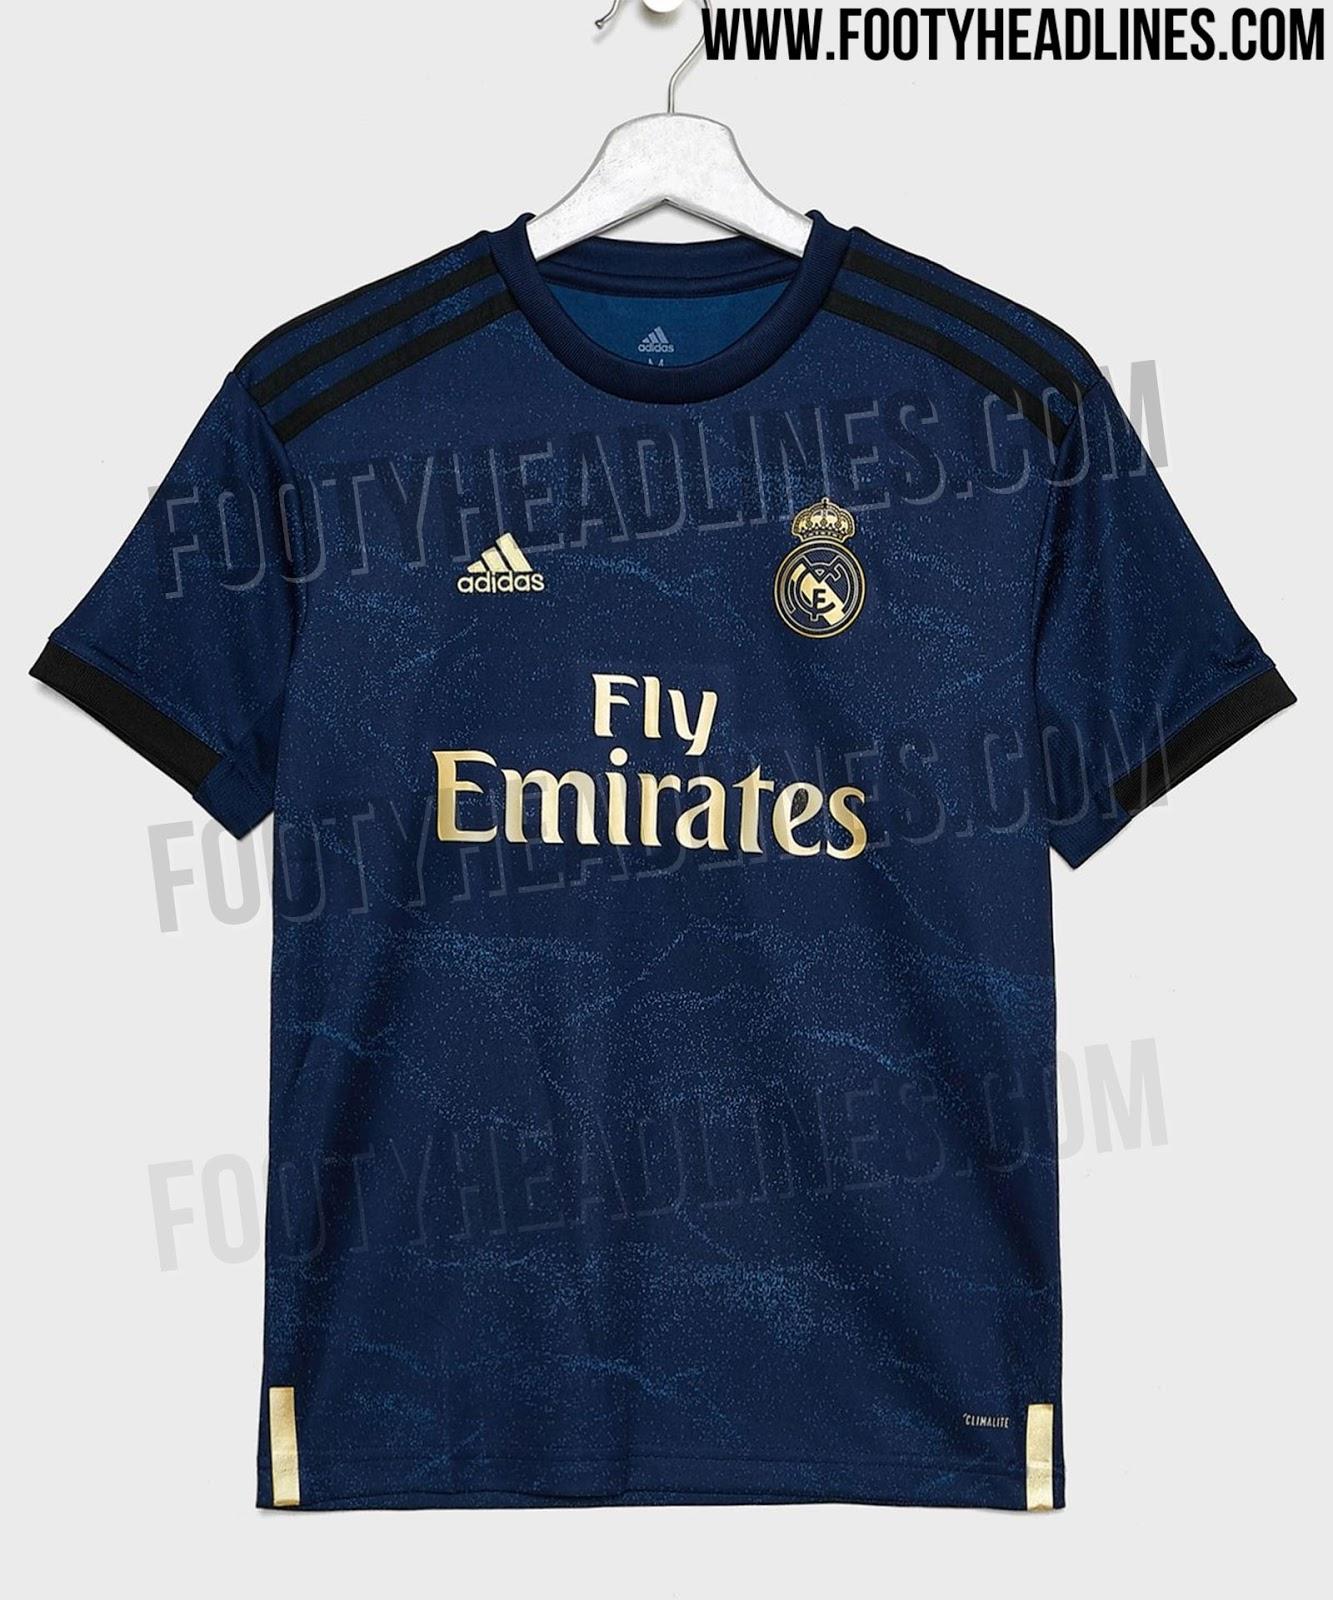 check out 3a974 73b36 Ainsi, le prochain maillot devrait donc être bleu marine avec des accents  dorés notamment pour